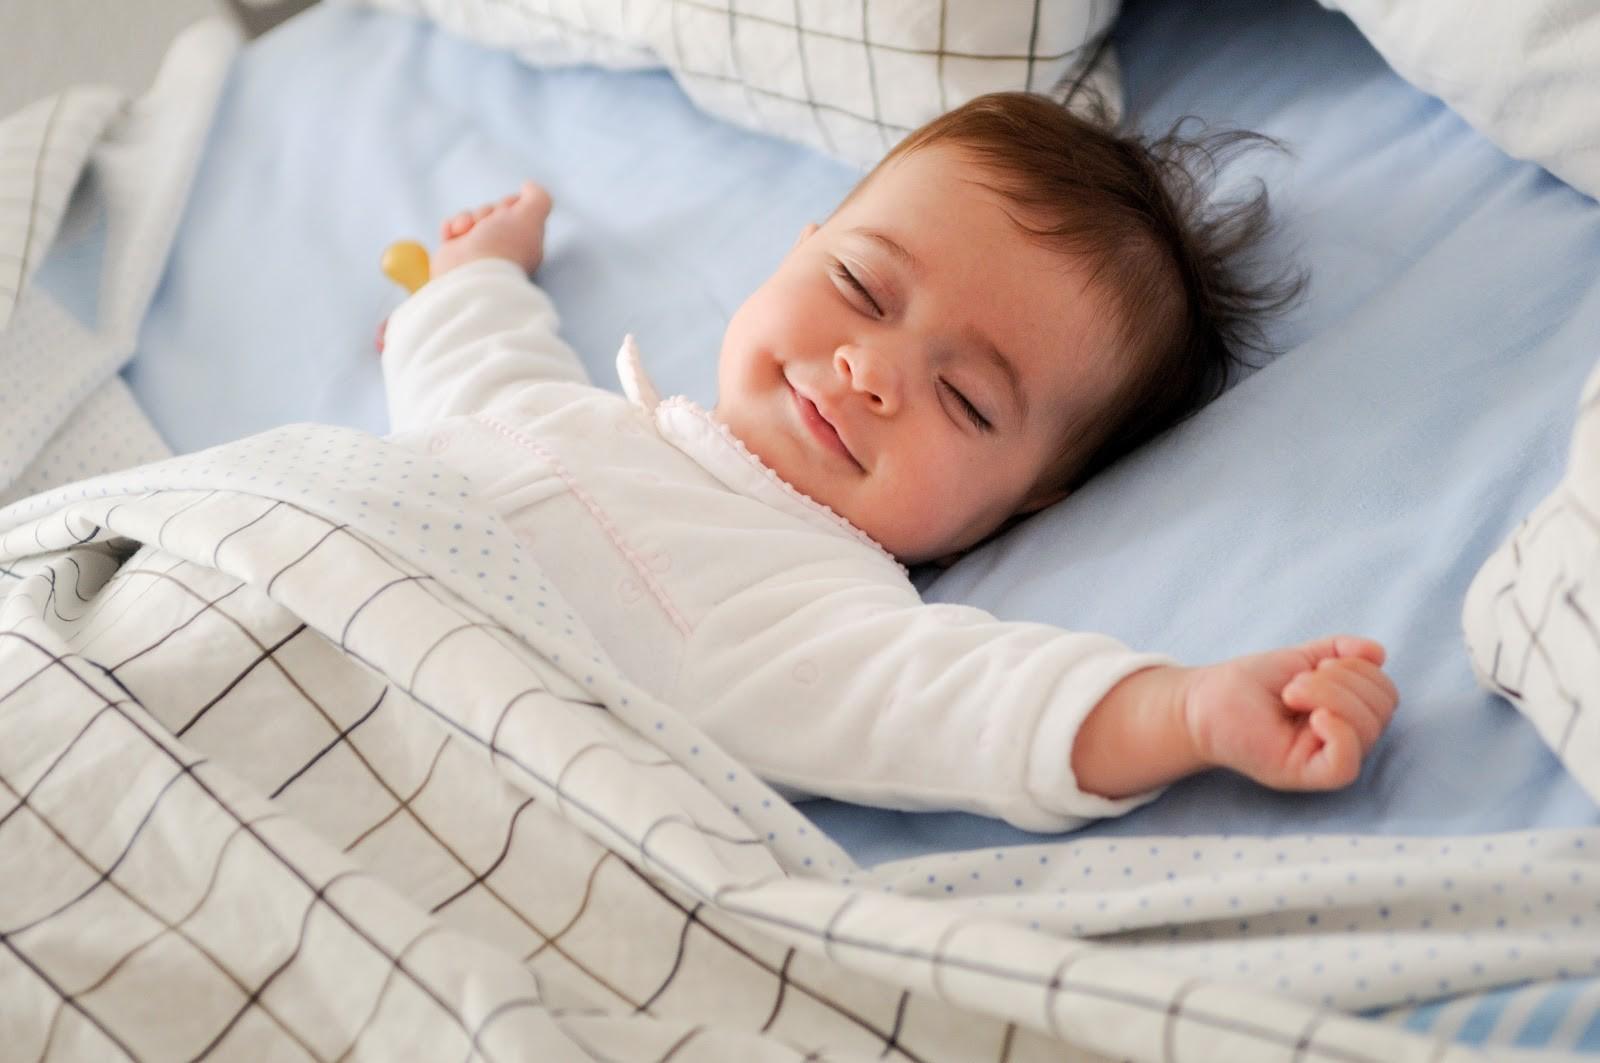 Привычка просыпаться по звонку будильника укорачивает жизнь